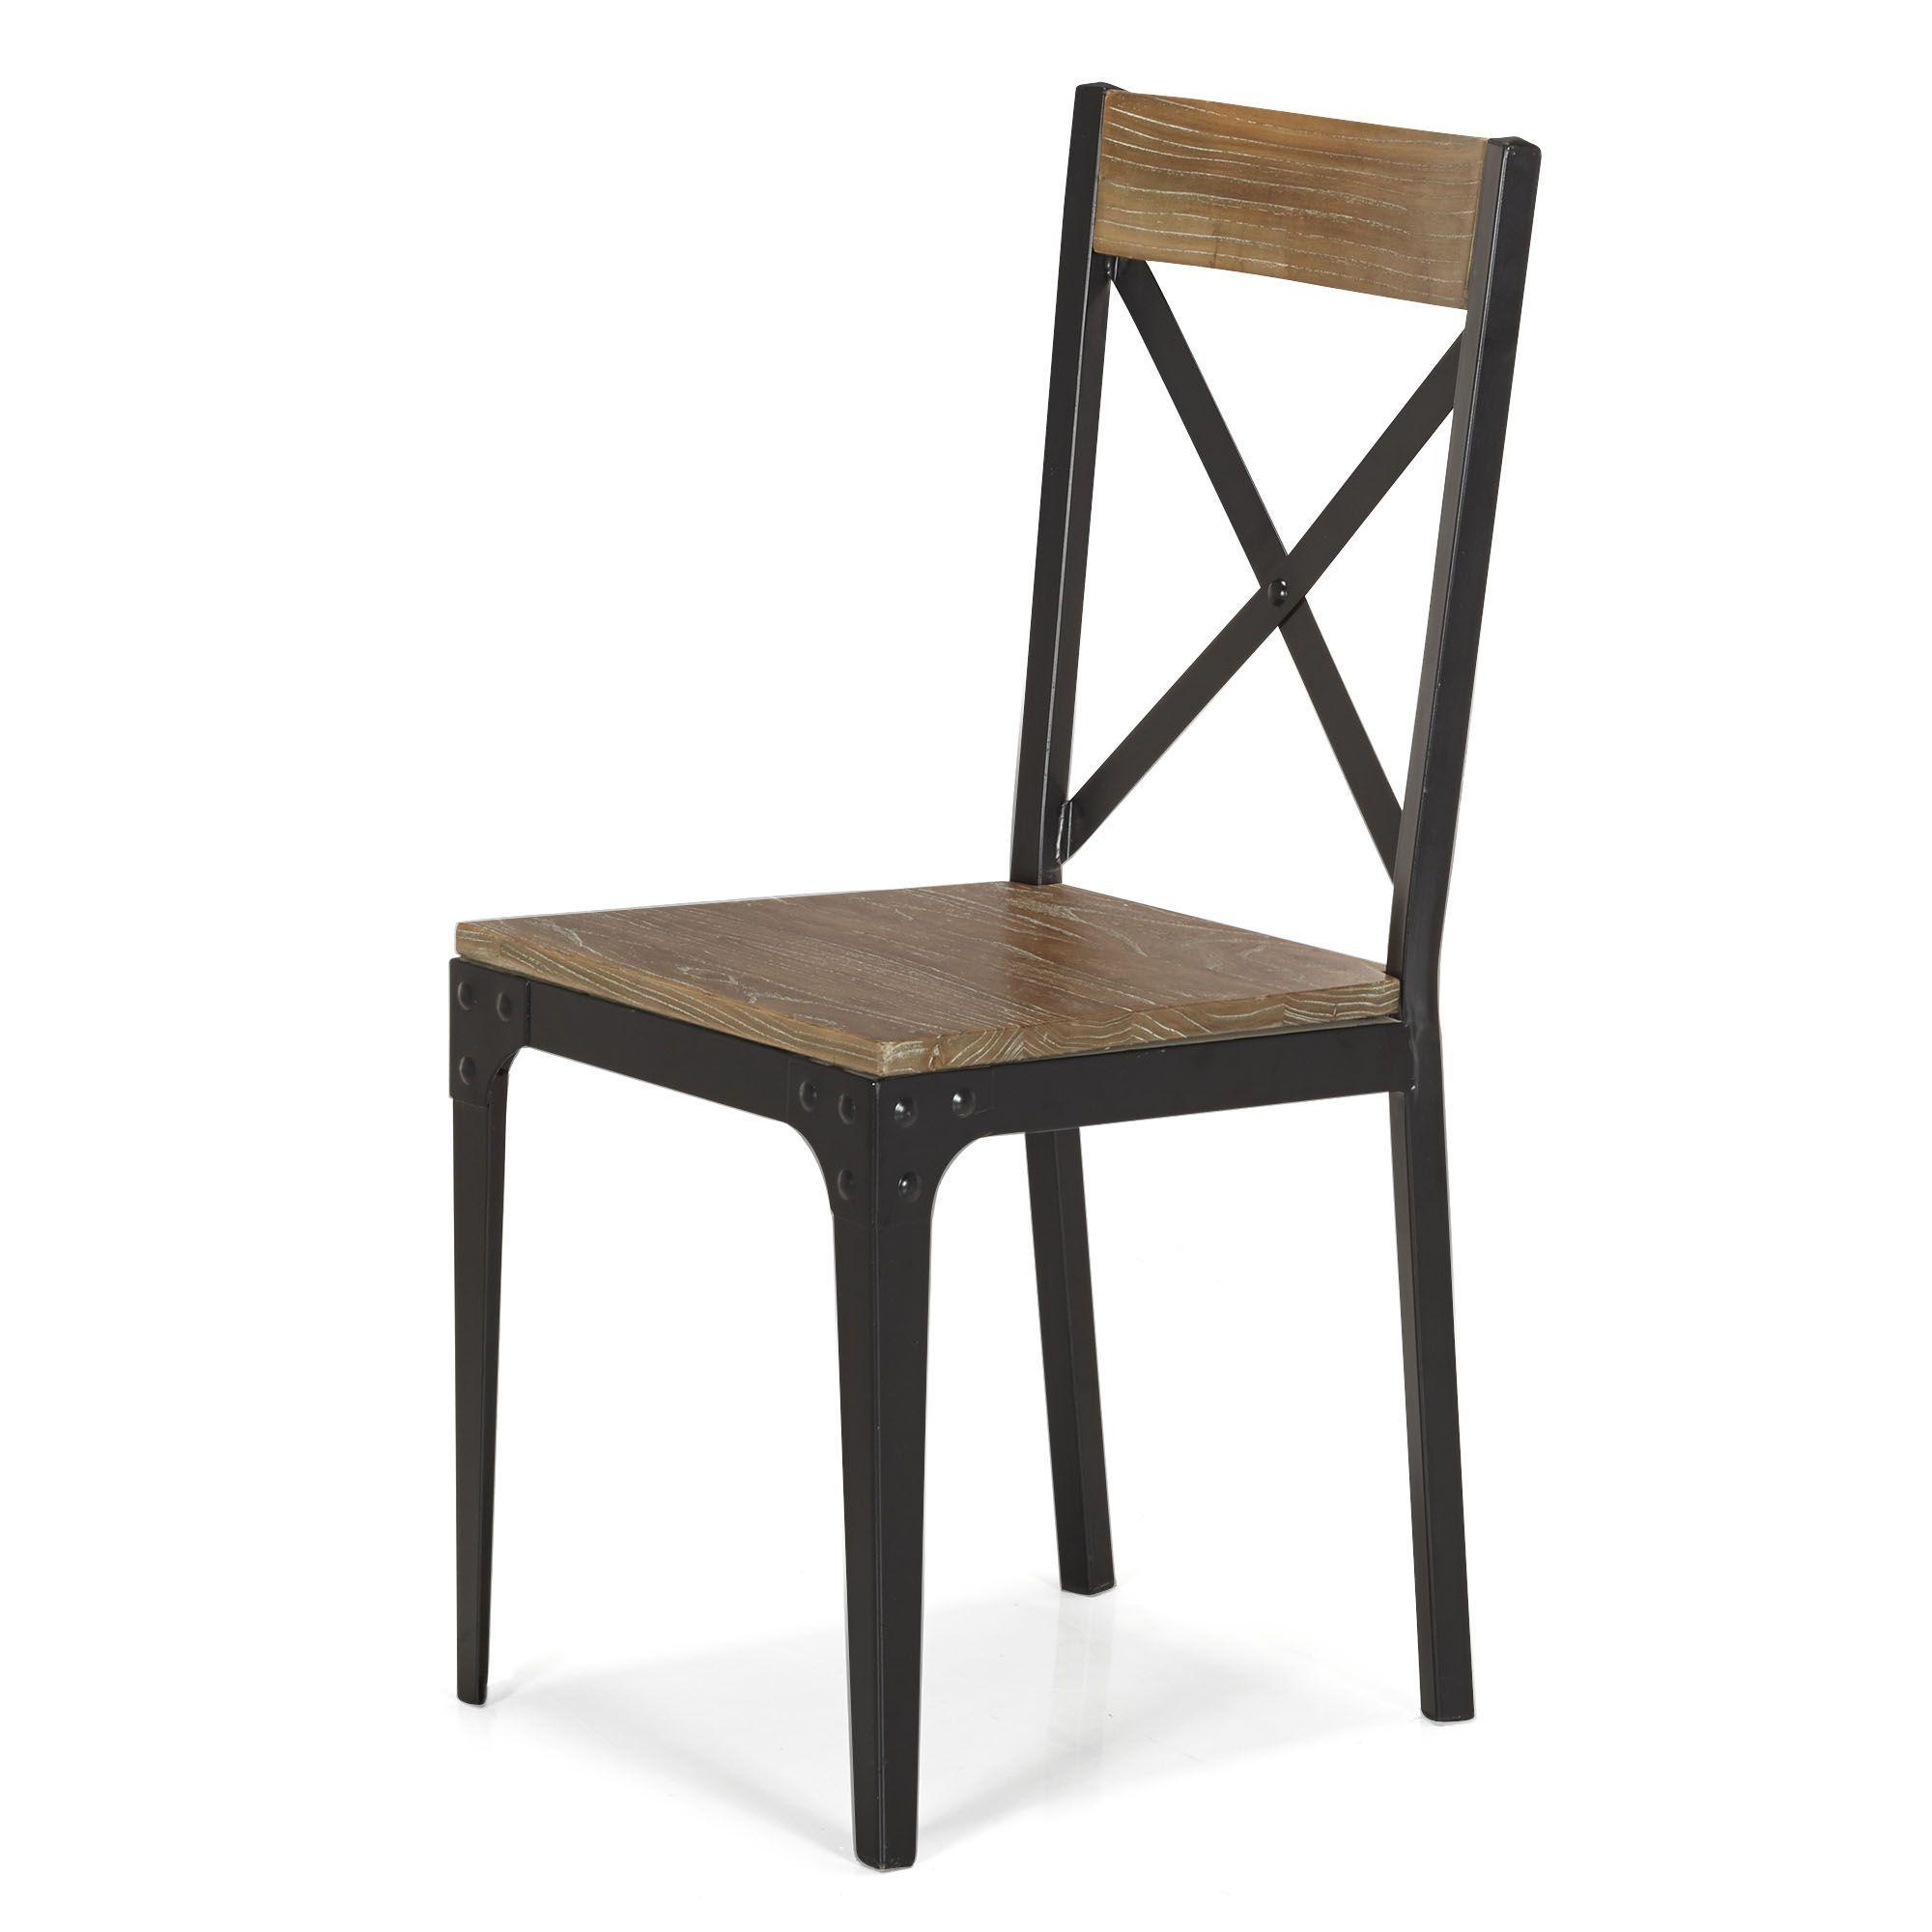 Chaise Bois Et Metal Industriel chaise indus en orme et métal naturel/noir - bark - chaises